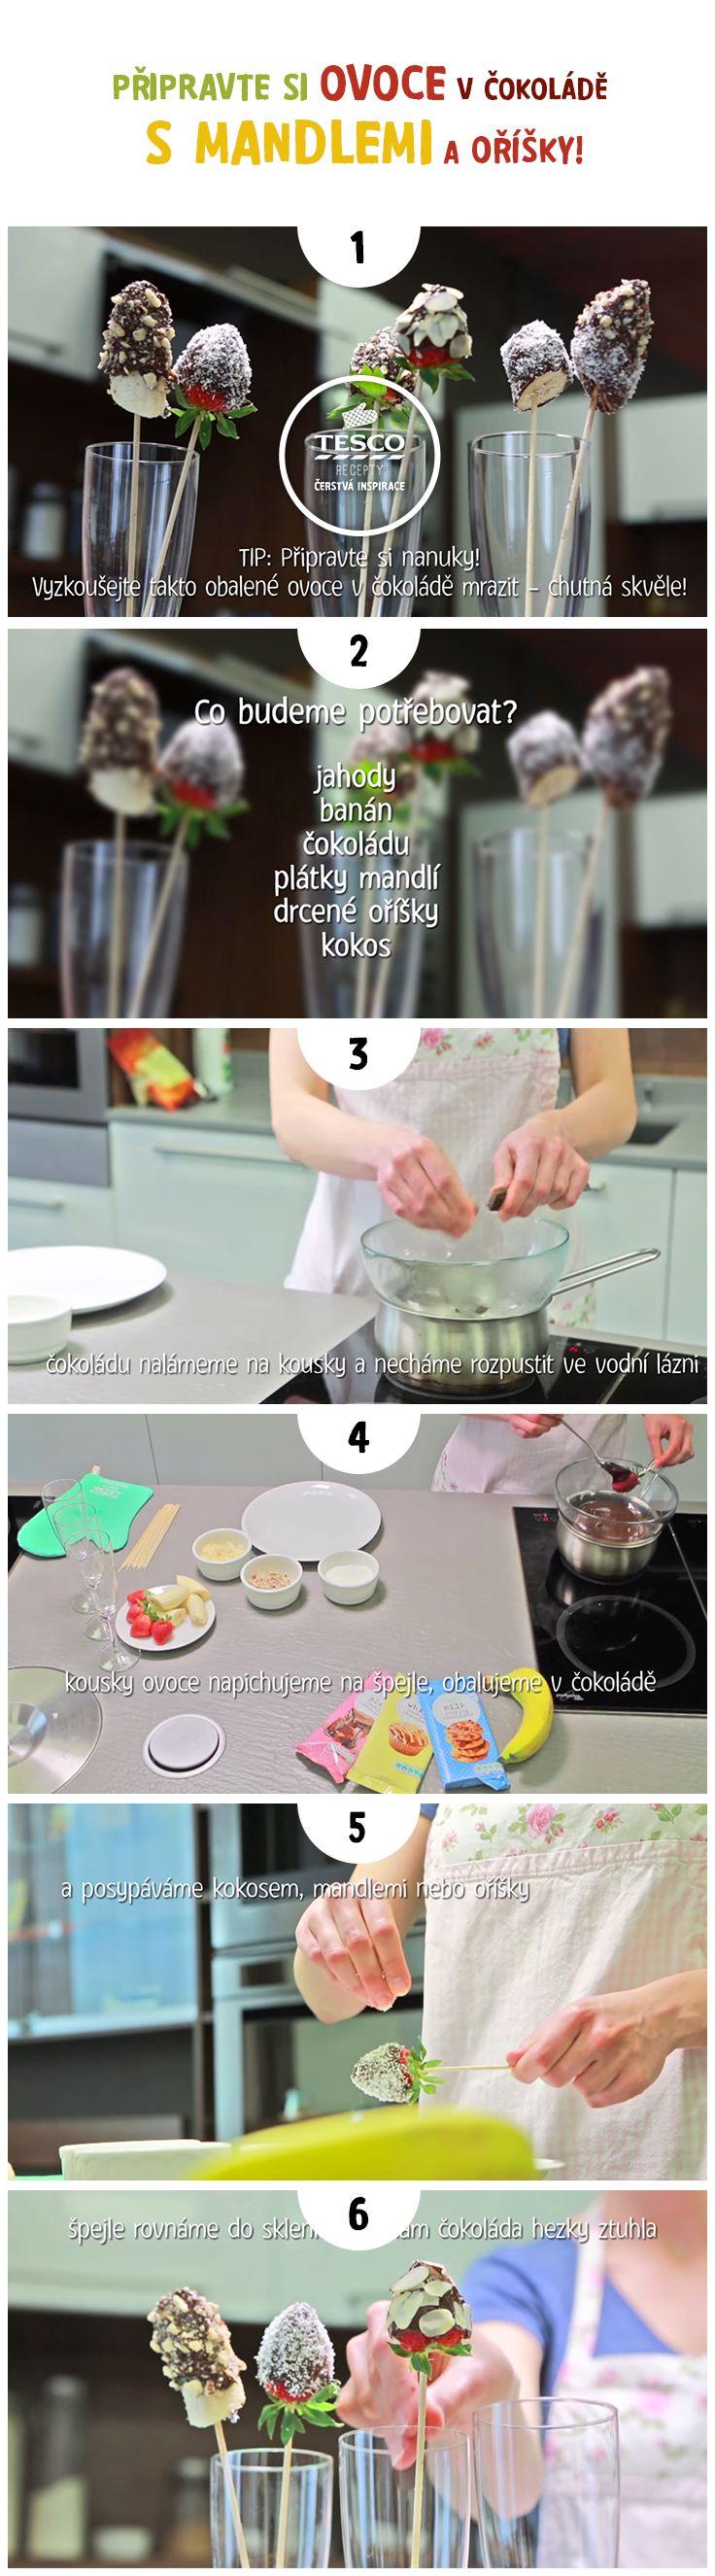 Připravte si ovoce v čokoládě s mandlemi a oříšky podle našeho videonávodu!